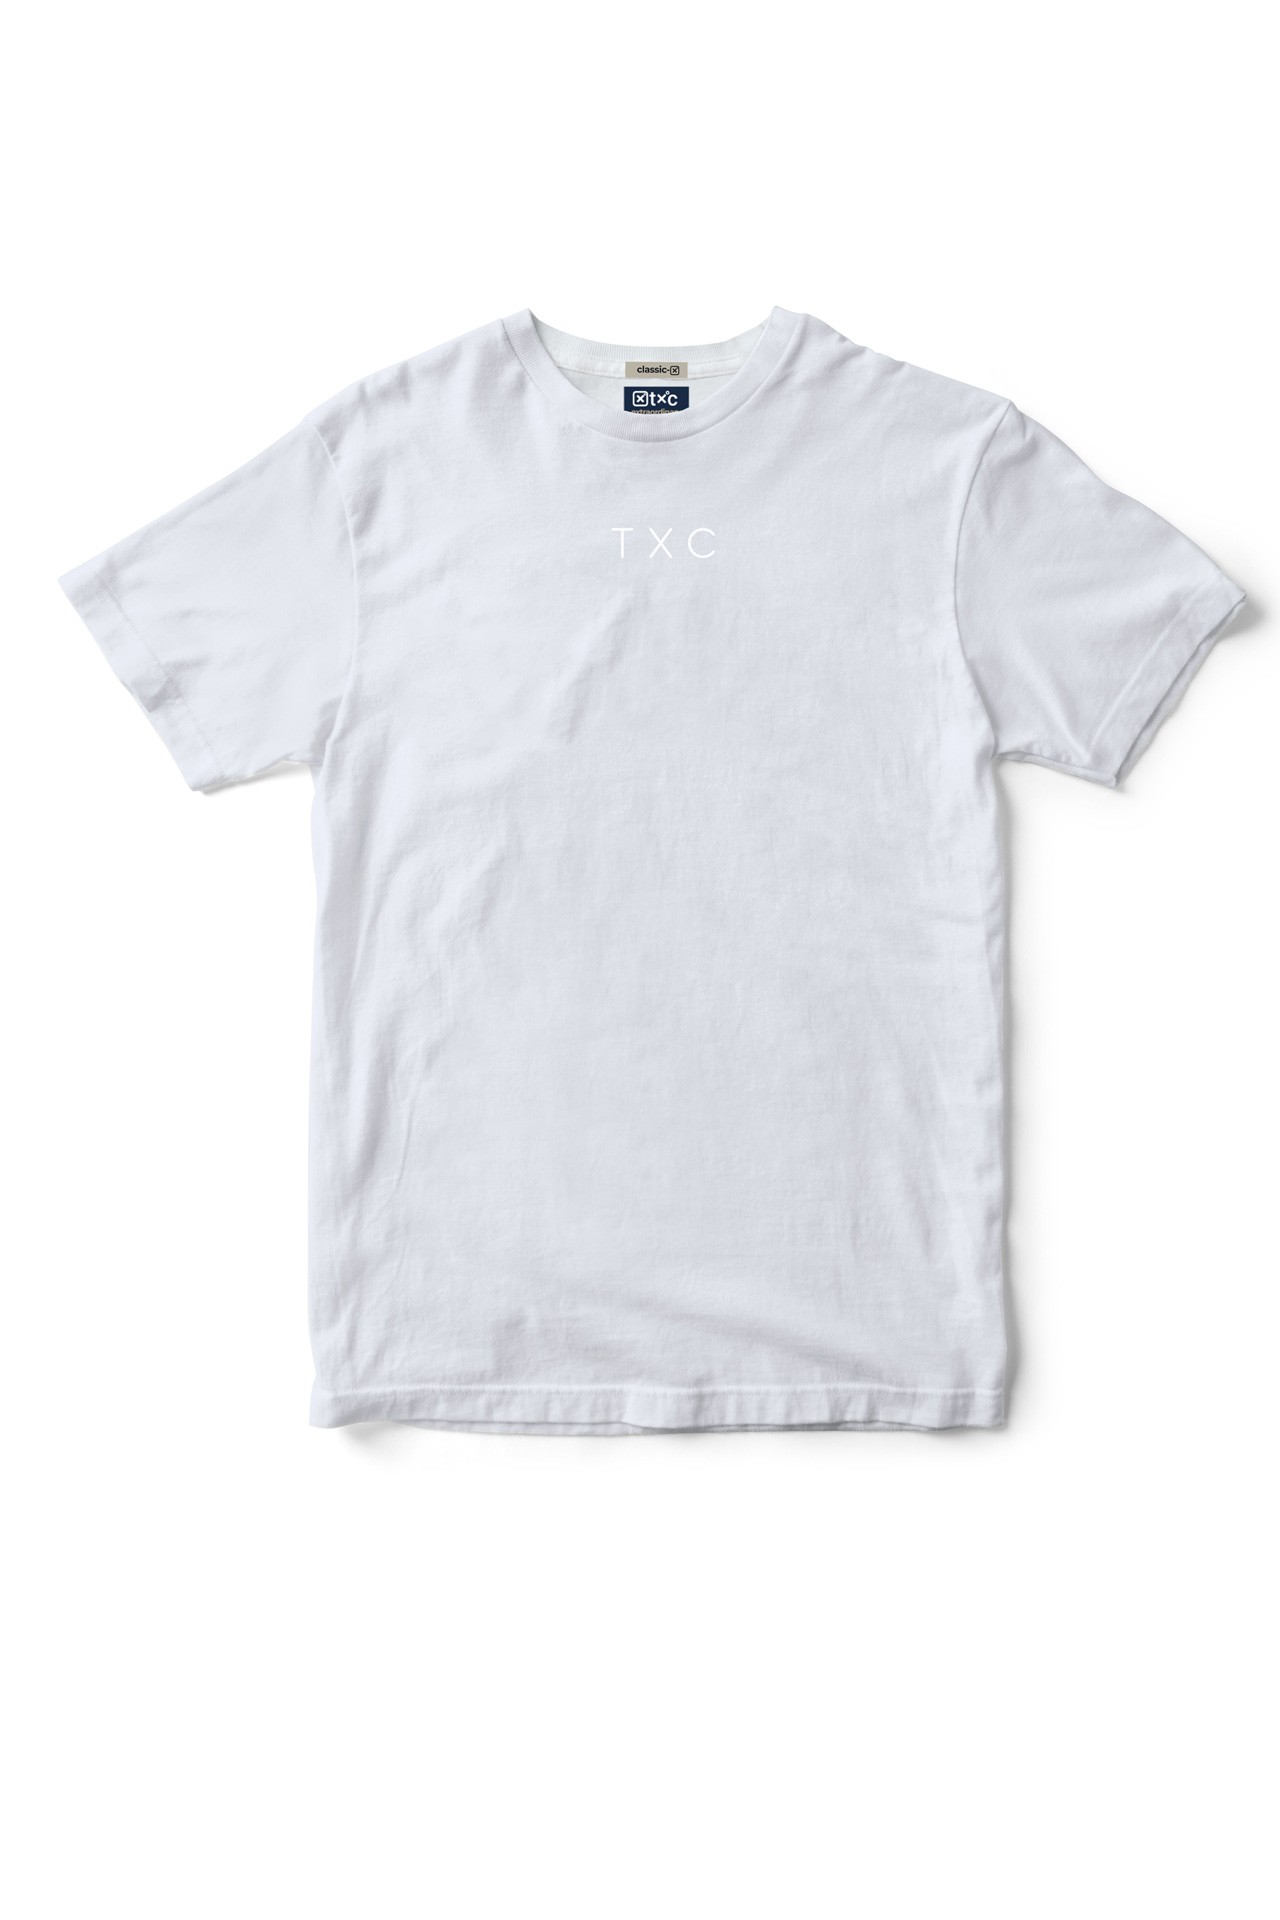 Camiseta TXC Brand 19239